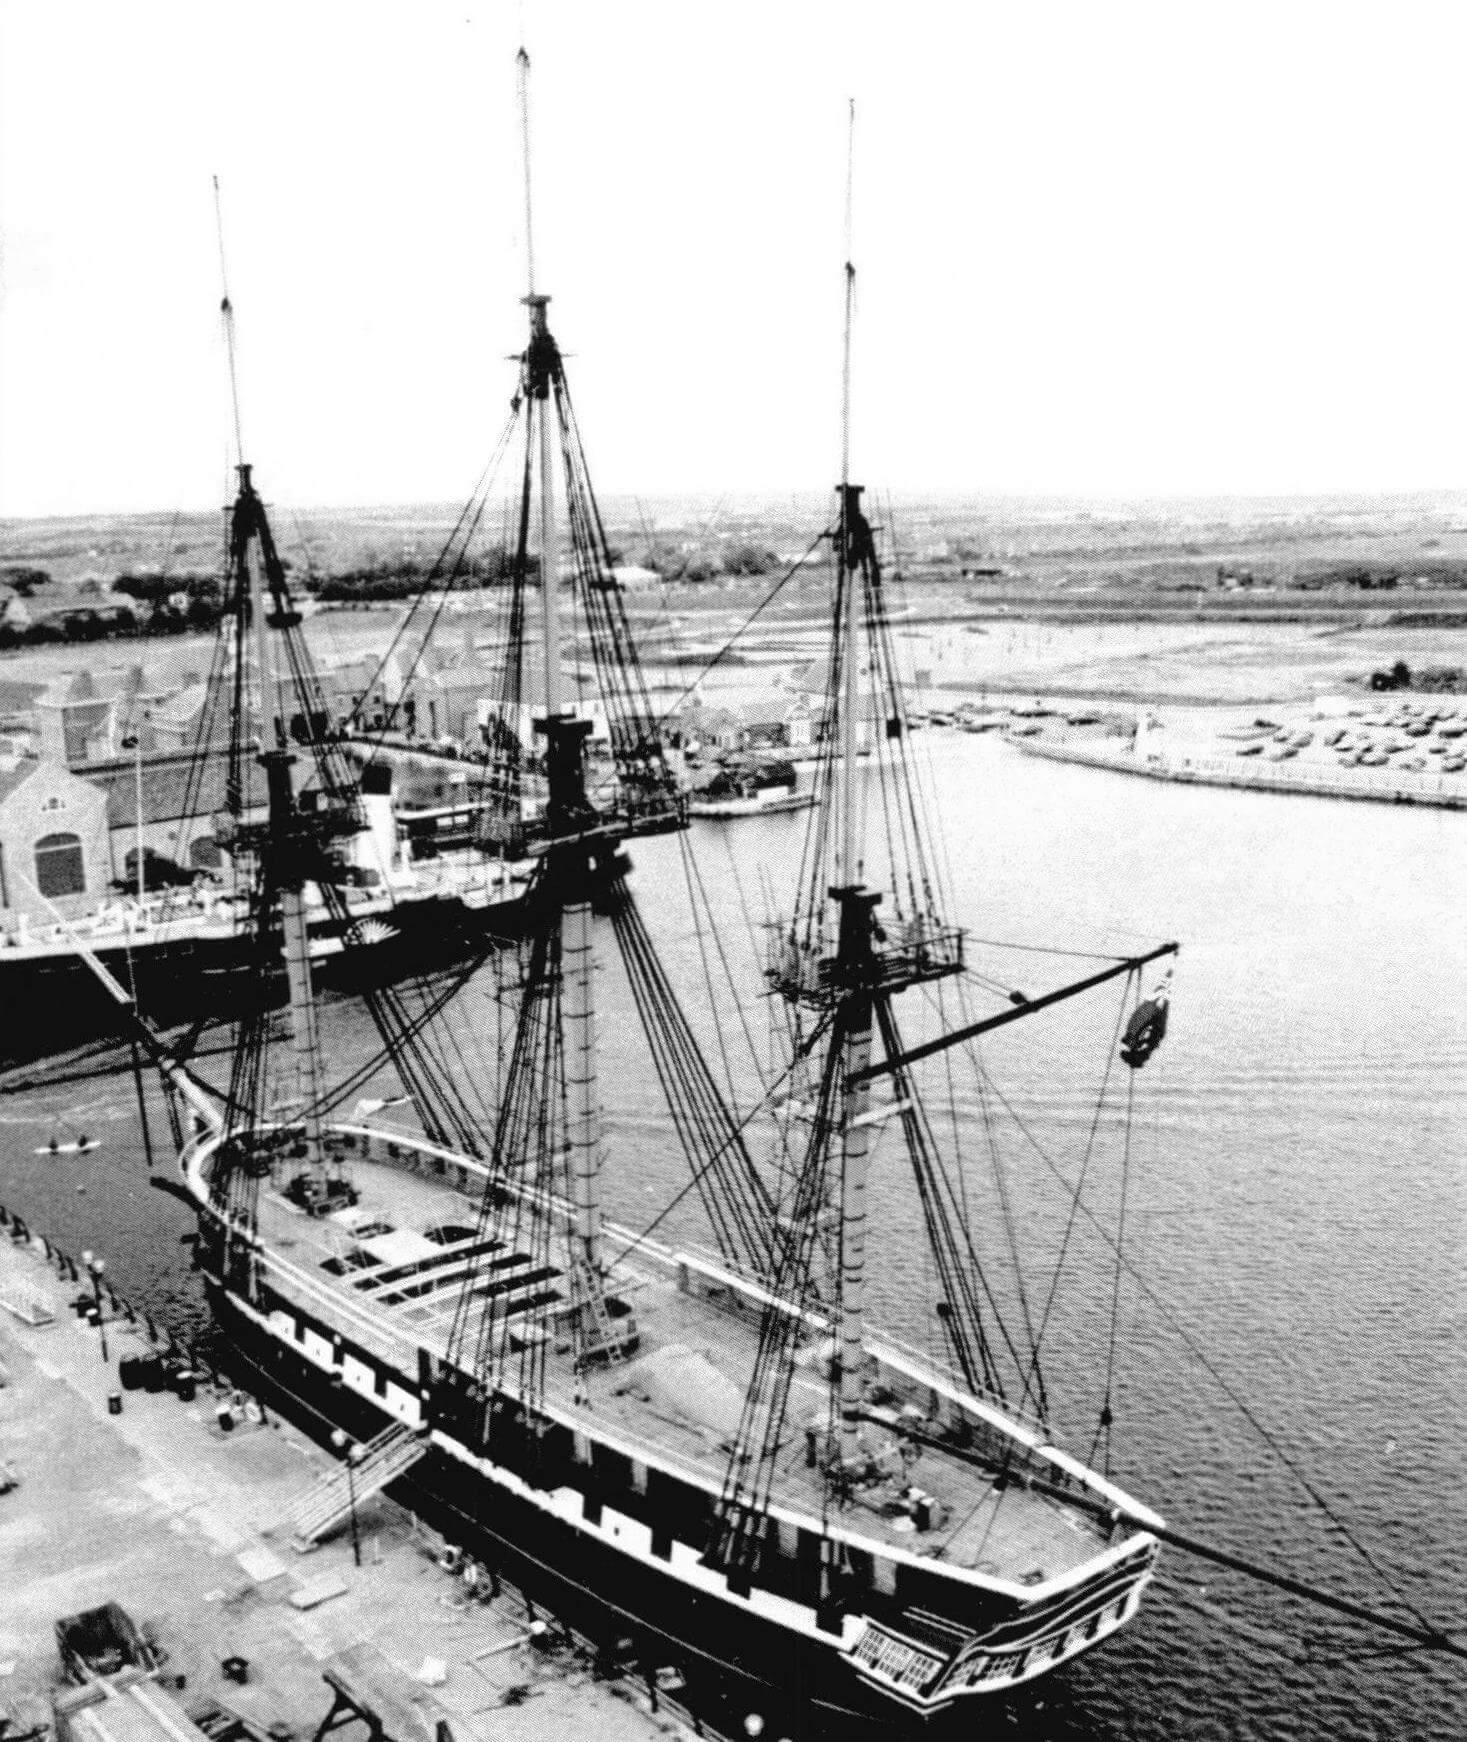 Восстановленный «Тринкомали»- корабль-музей в Хартлепуле